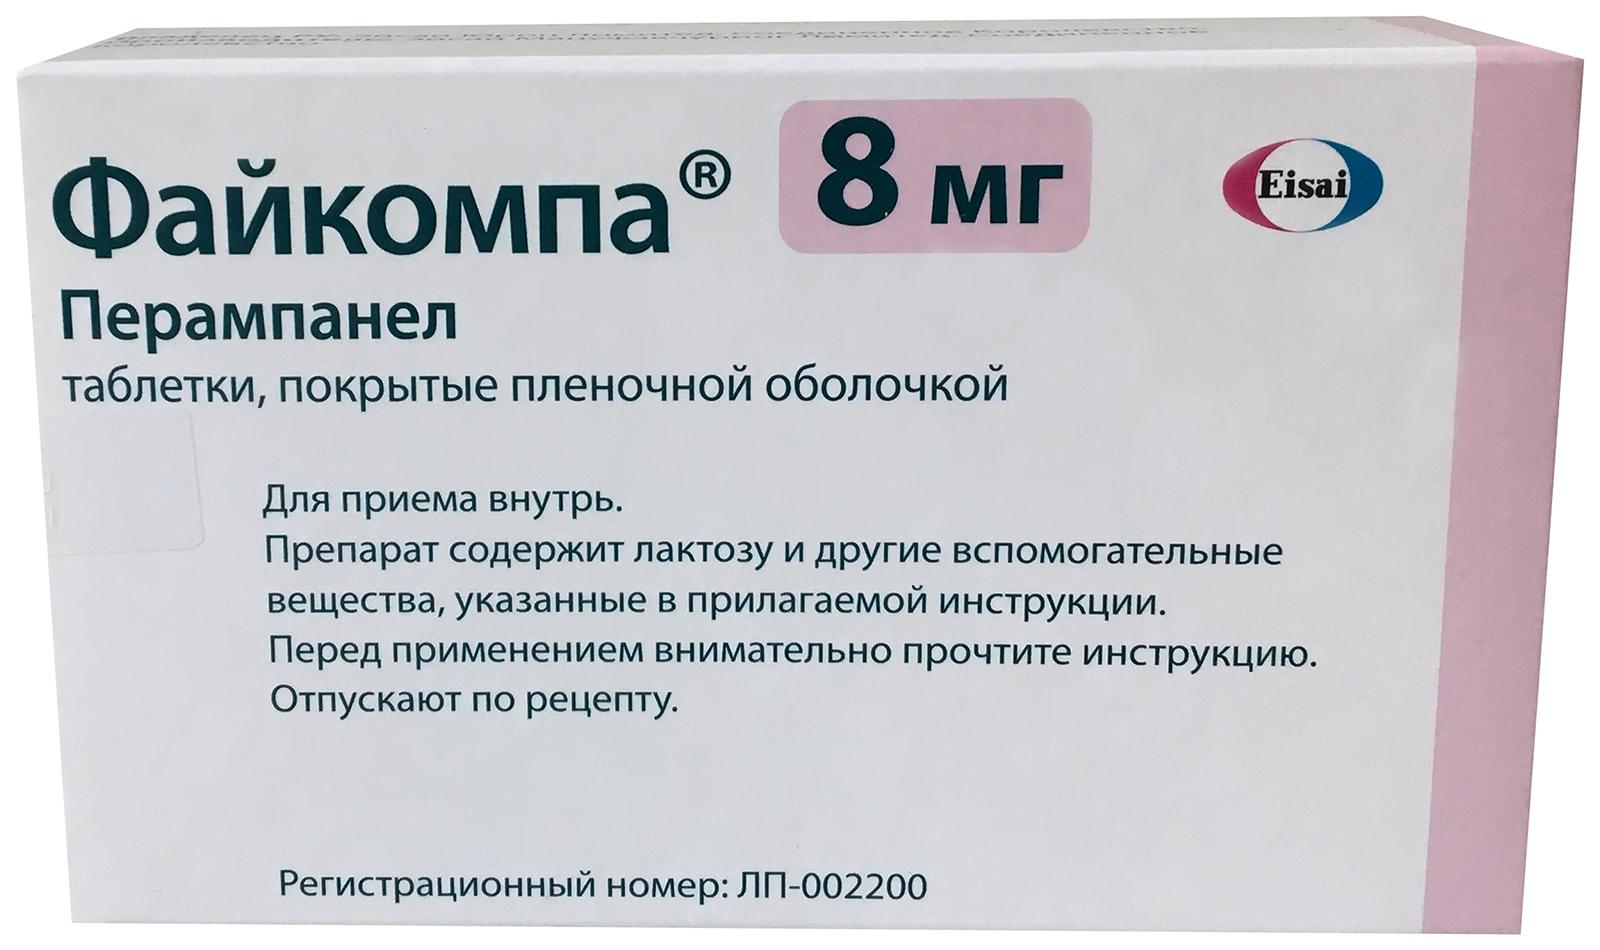 Файкомпа таблетки, покрытые пленочной оболочкой 8